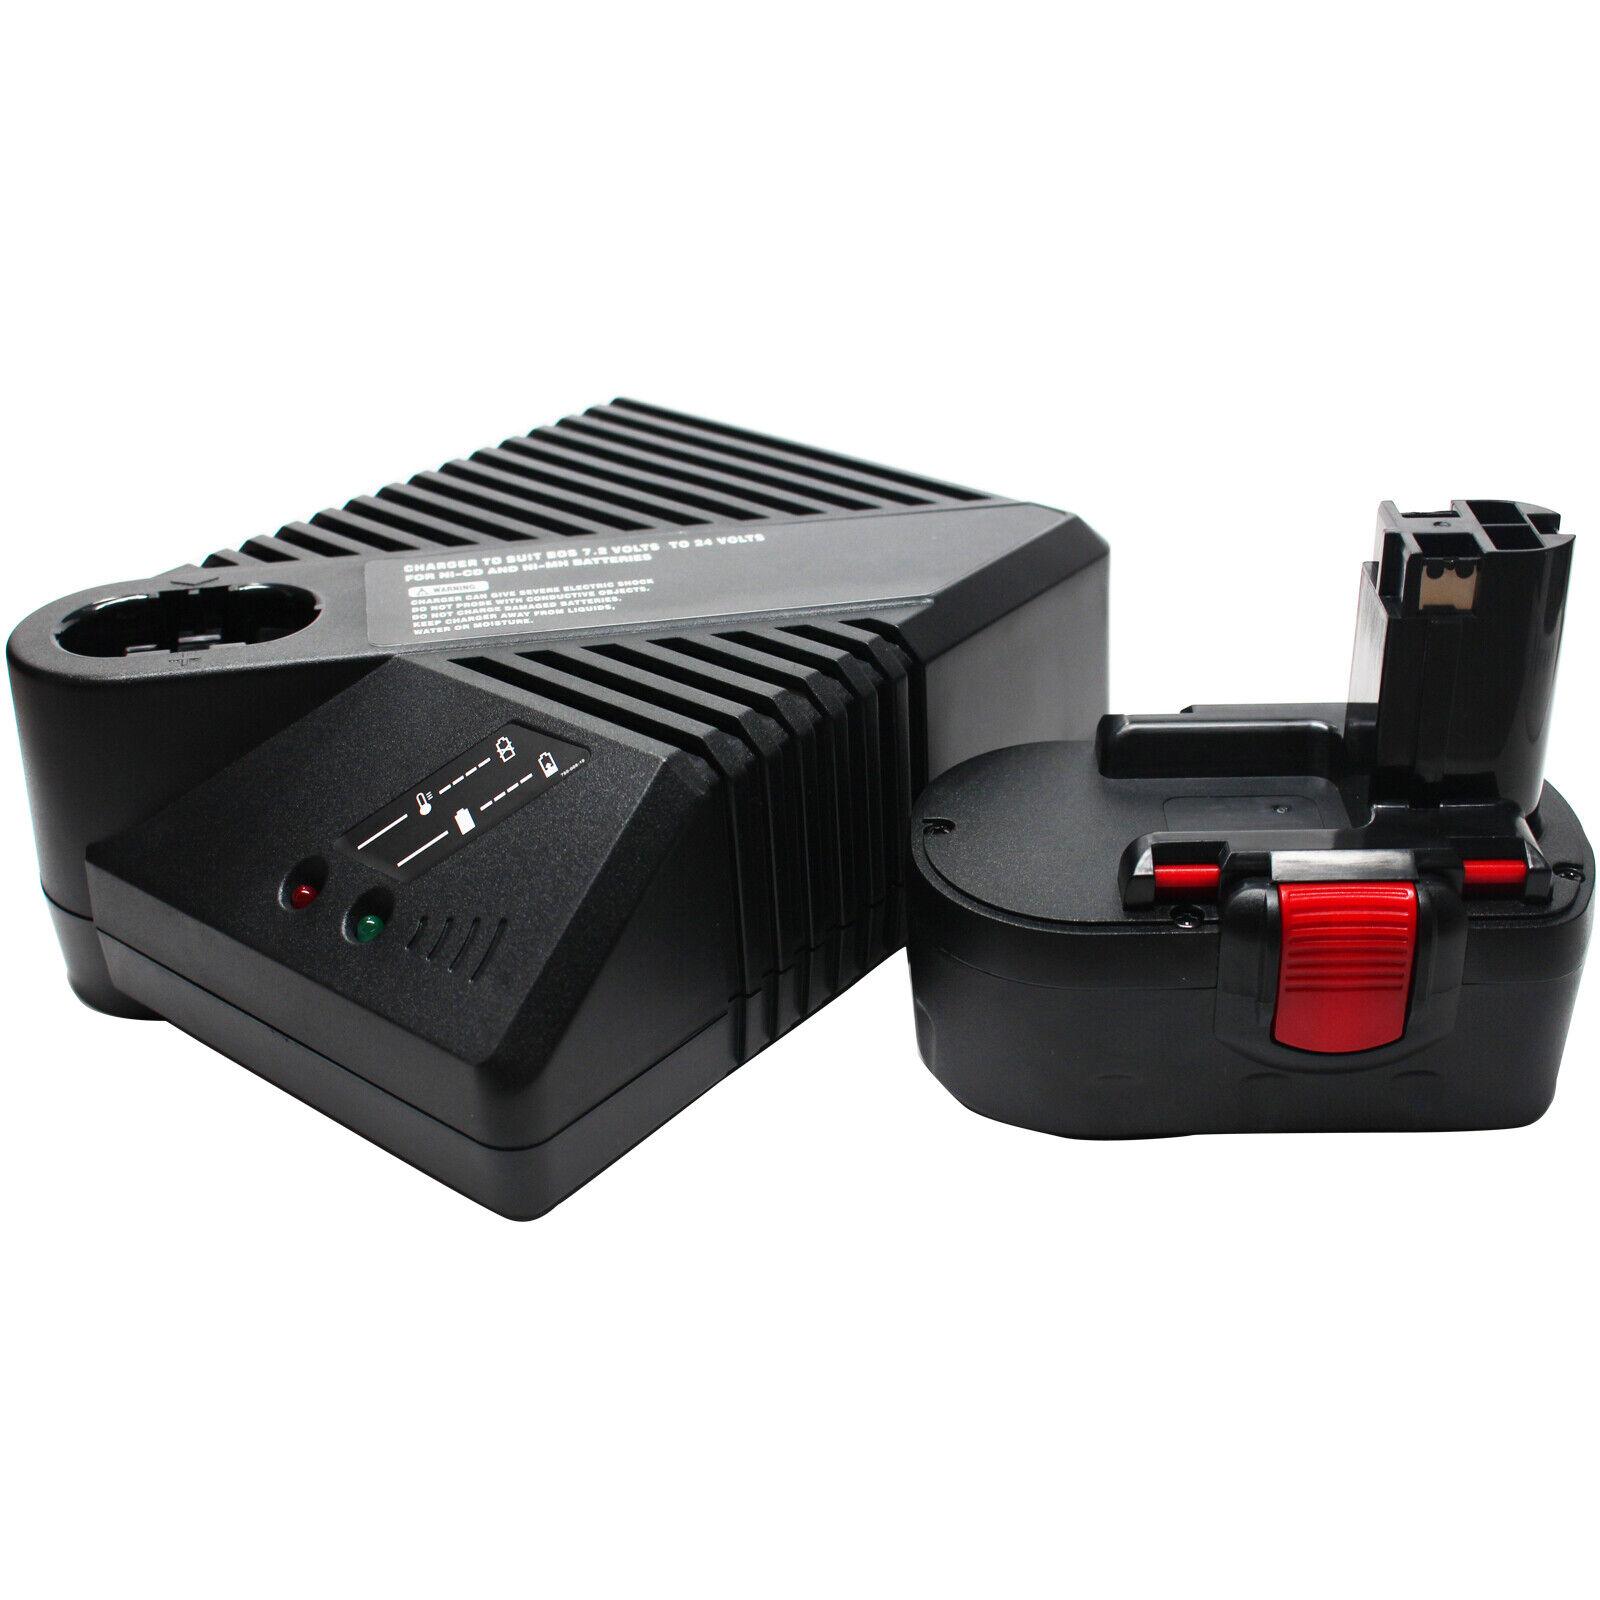 18V Battery 1.3Ah & UniCharger for Bosch 13618, 3860K, GDR 18 V GSB 18 VE-2 3453